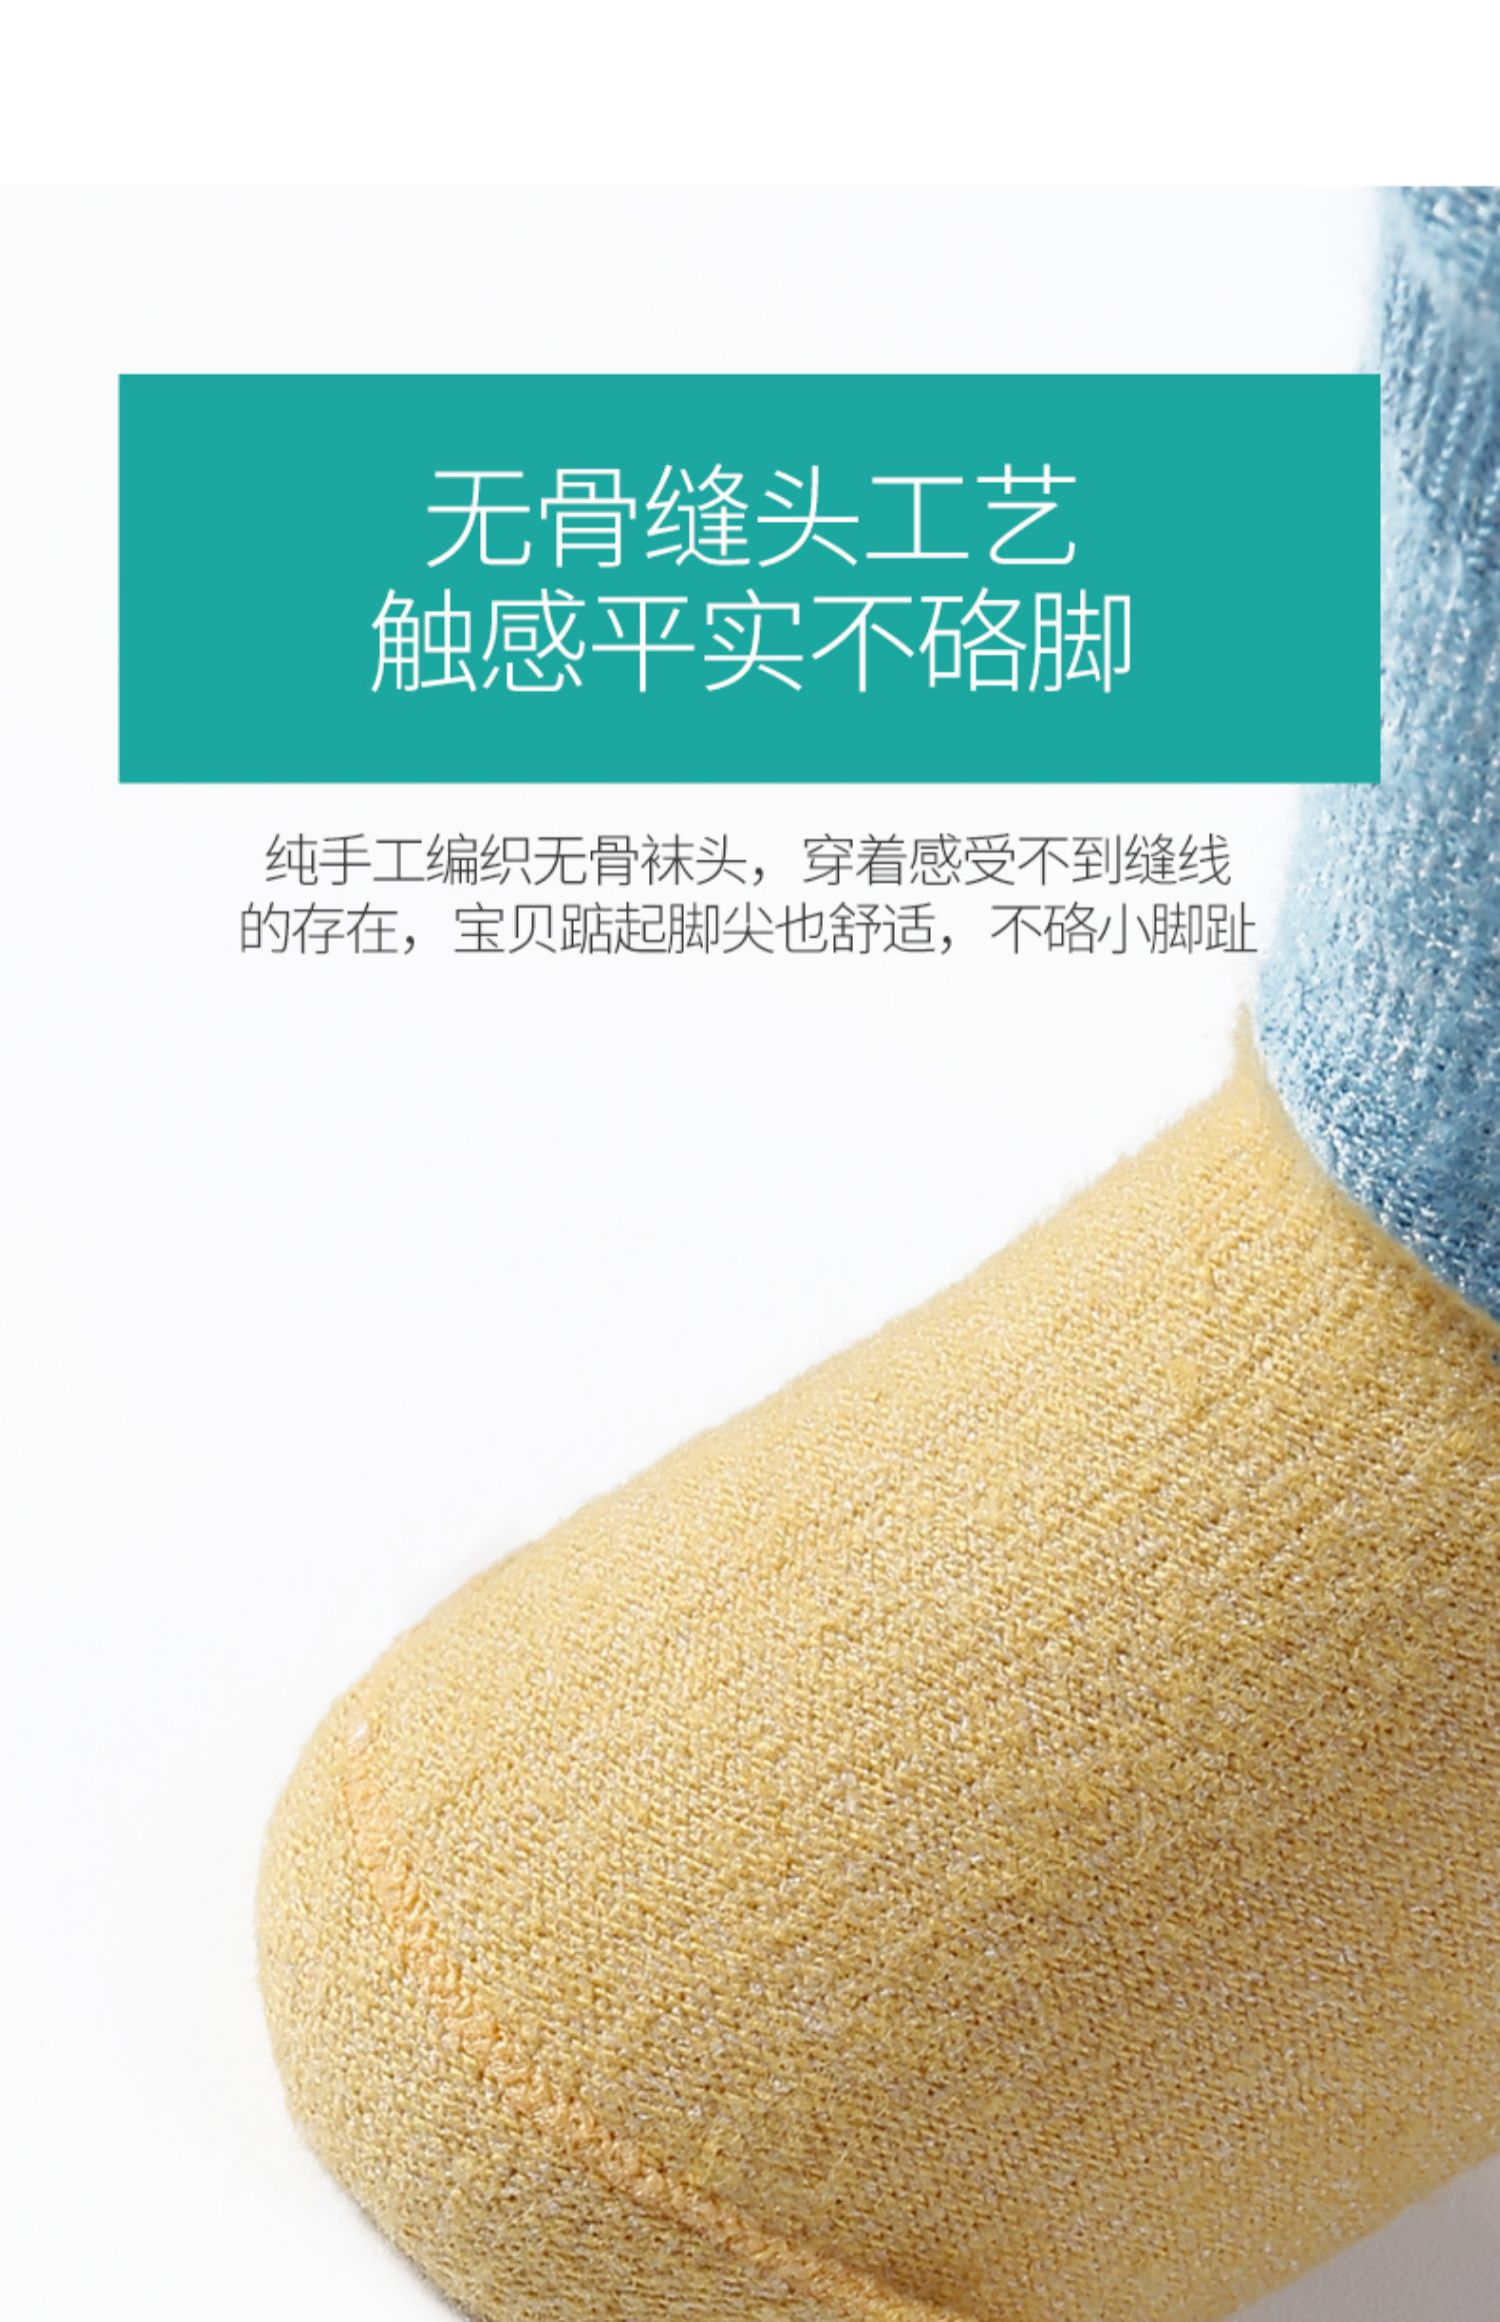 婴儿袜子纯棉春秋0-3个月6宝宝地板袜松口透气新生儿船袜春夏薄款商品详情图